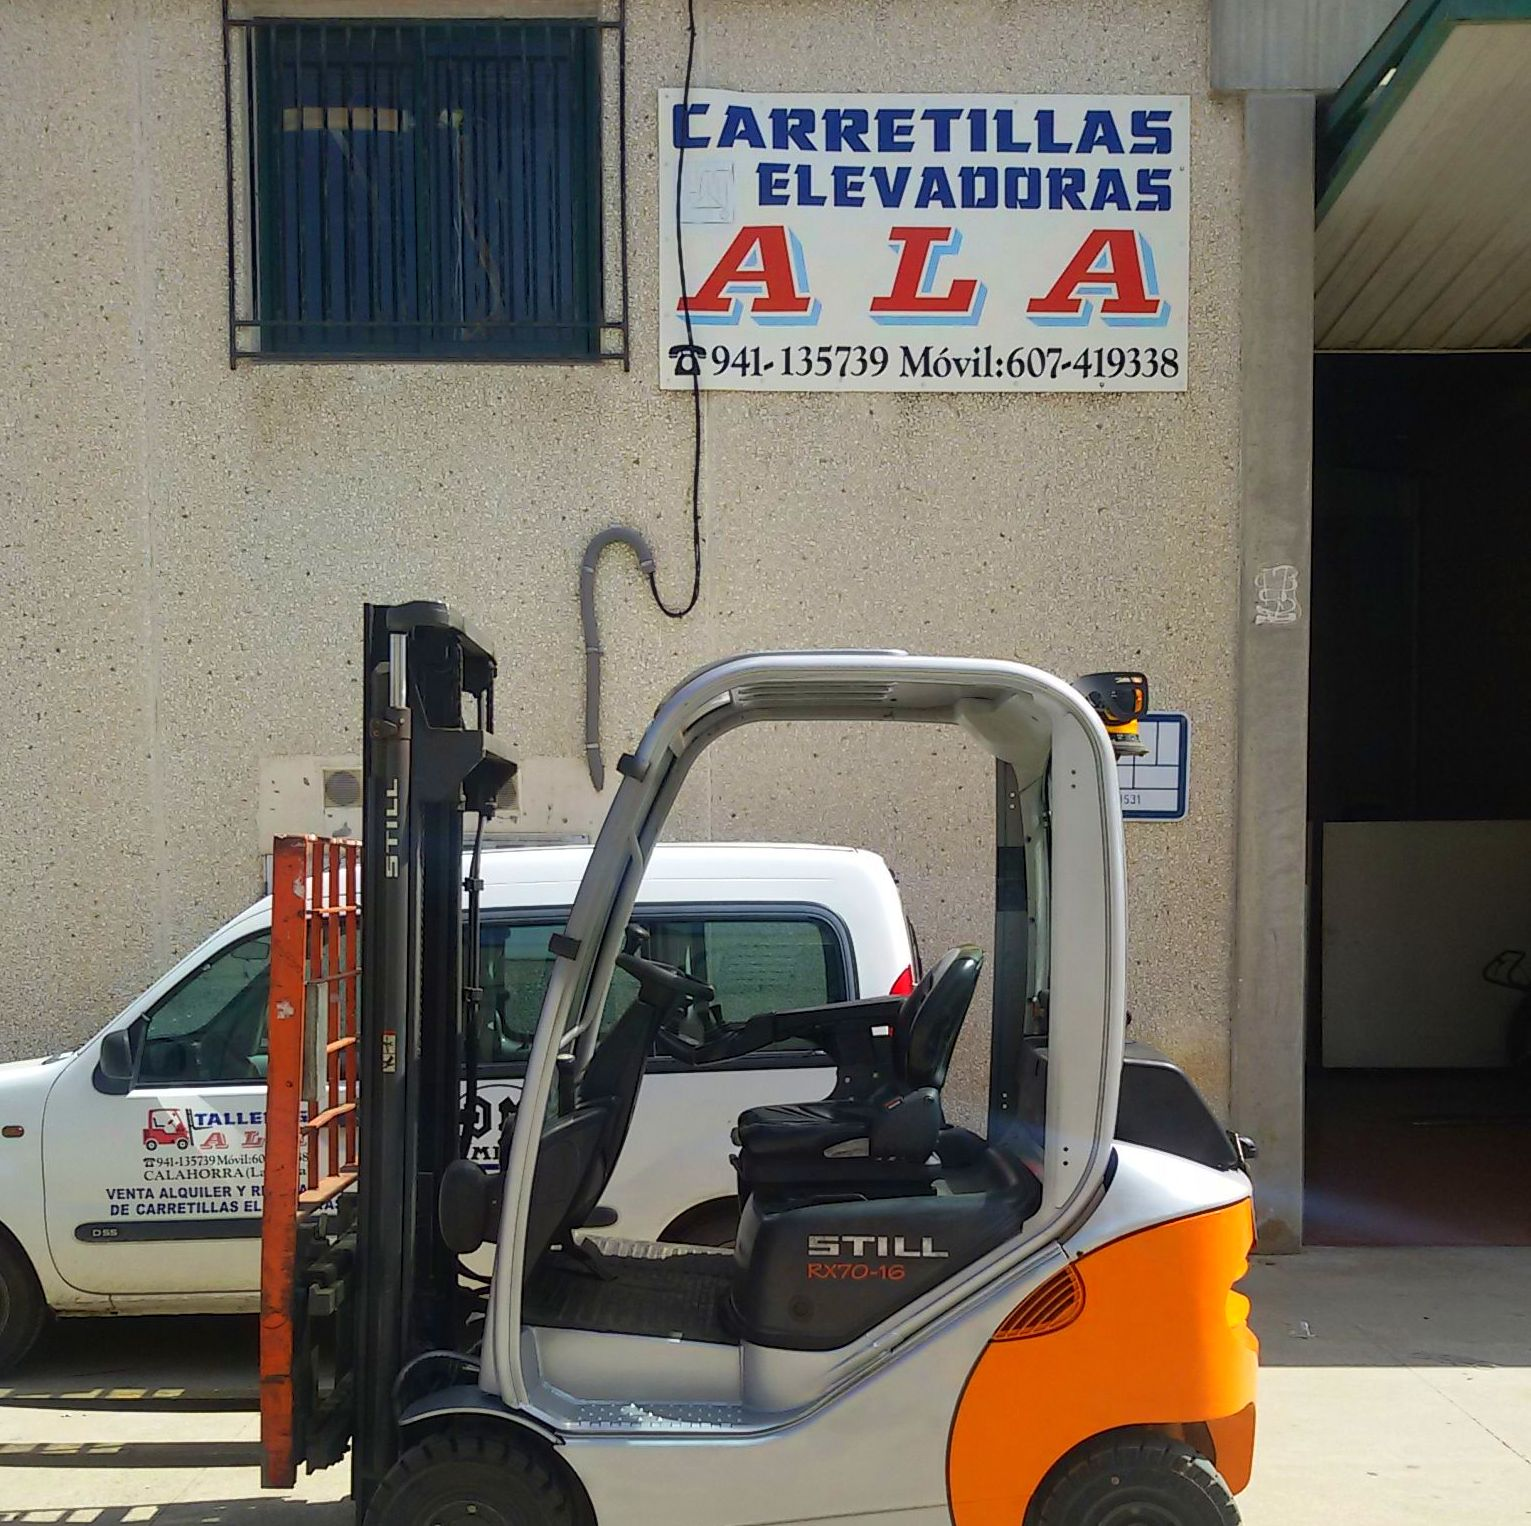 Foto 3 de Carretillas en Calahorra | Carretillas Elevadoras A.L.A., S.L.